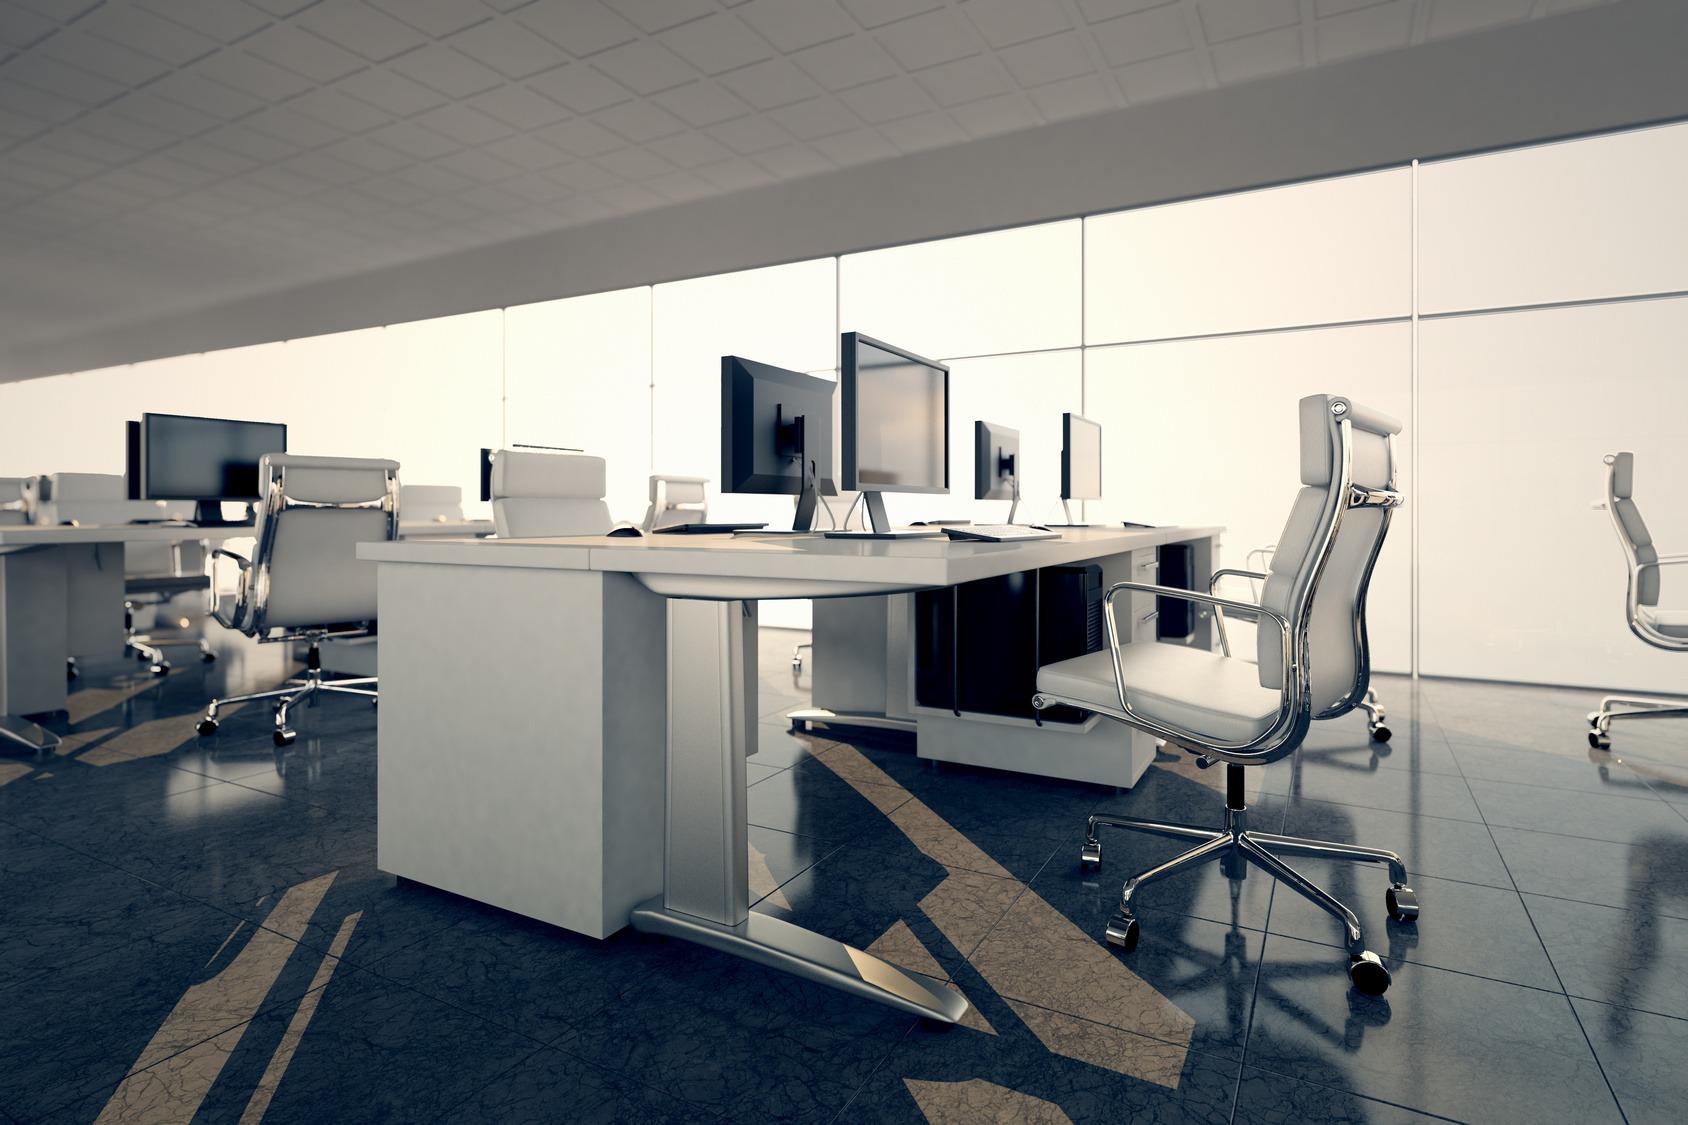 Vue latérale d'un espace de bureau. Arrangement de bureaux blancs sur un fond de mur en verre courtain. Illustre l'agencement et l'ameublement d'un intérieur de bureau moderne, d'un espace d'affaires confortable et de professionnalisme.